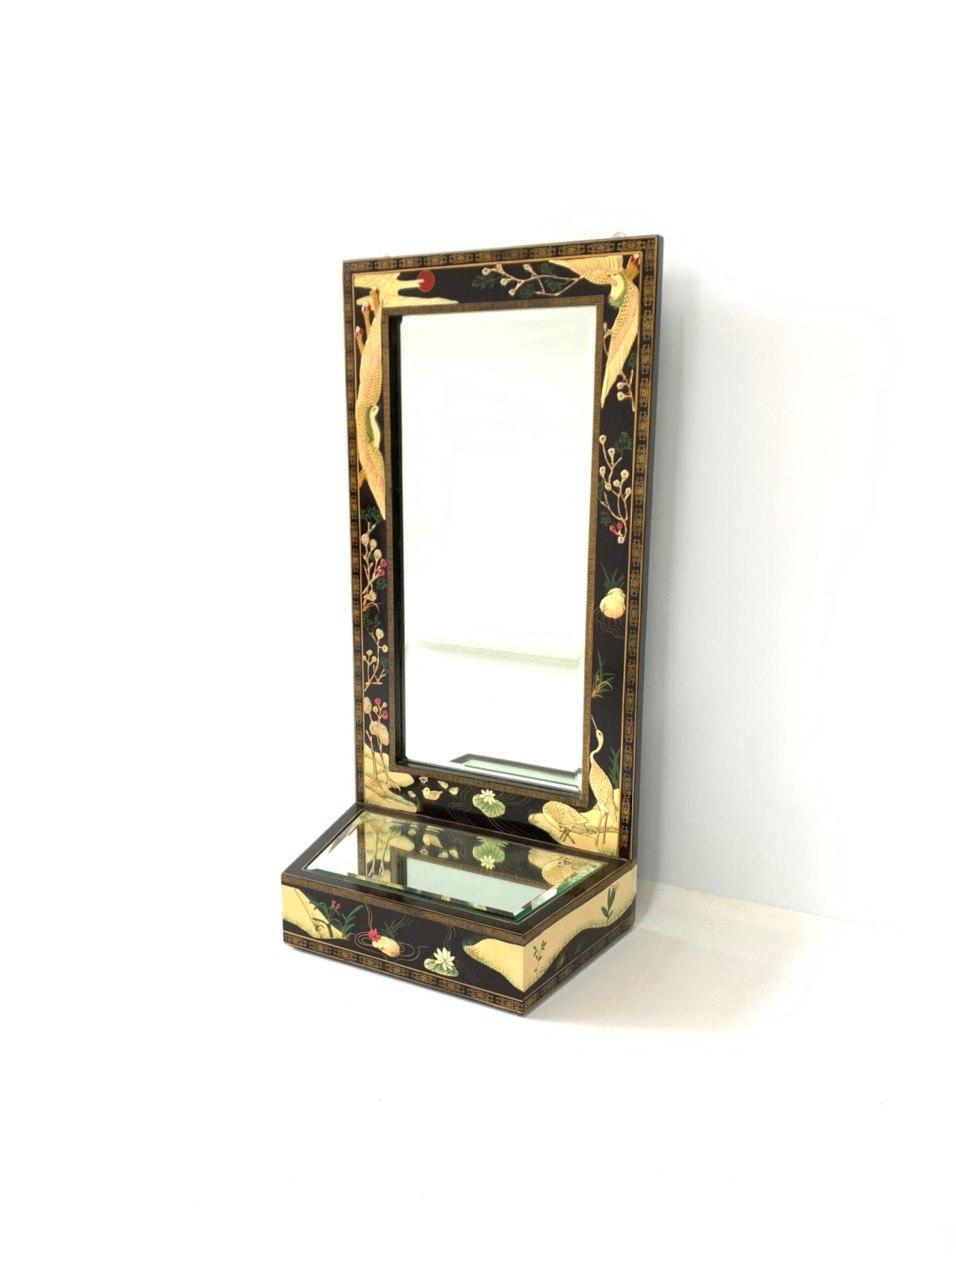 Винтажная зеркальная полка в стиле Шинуазри